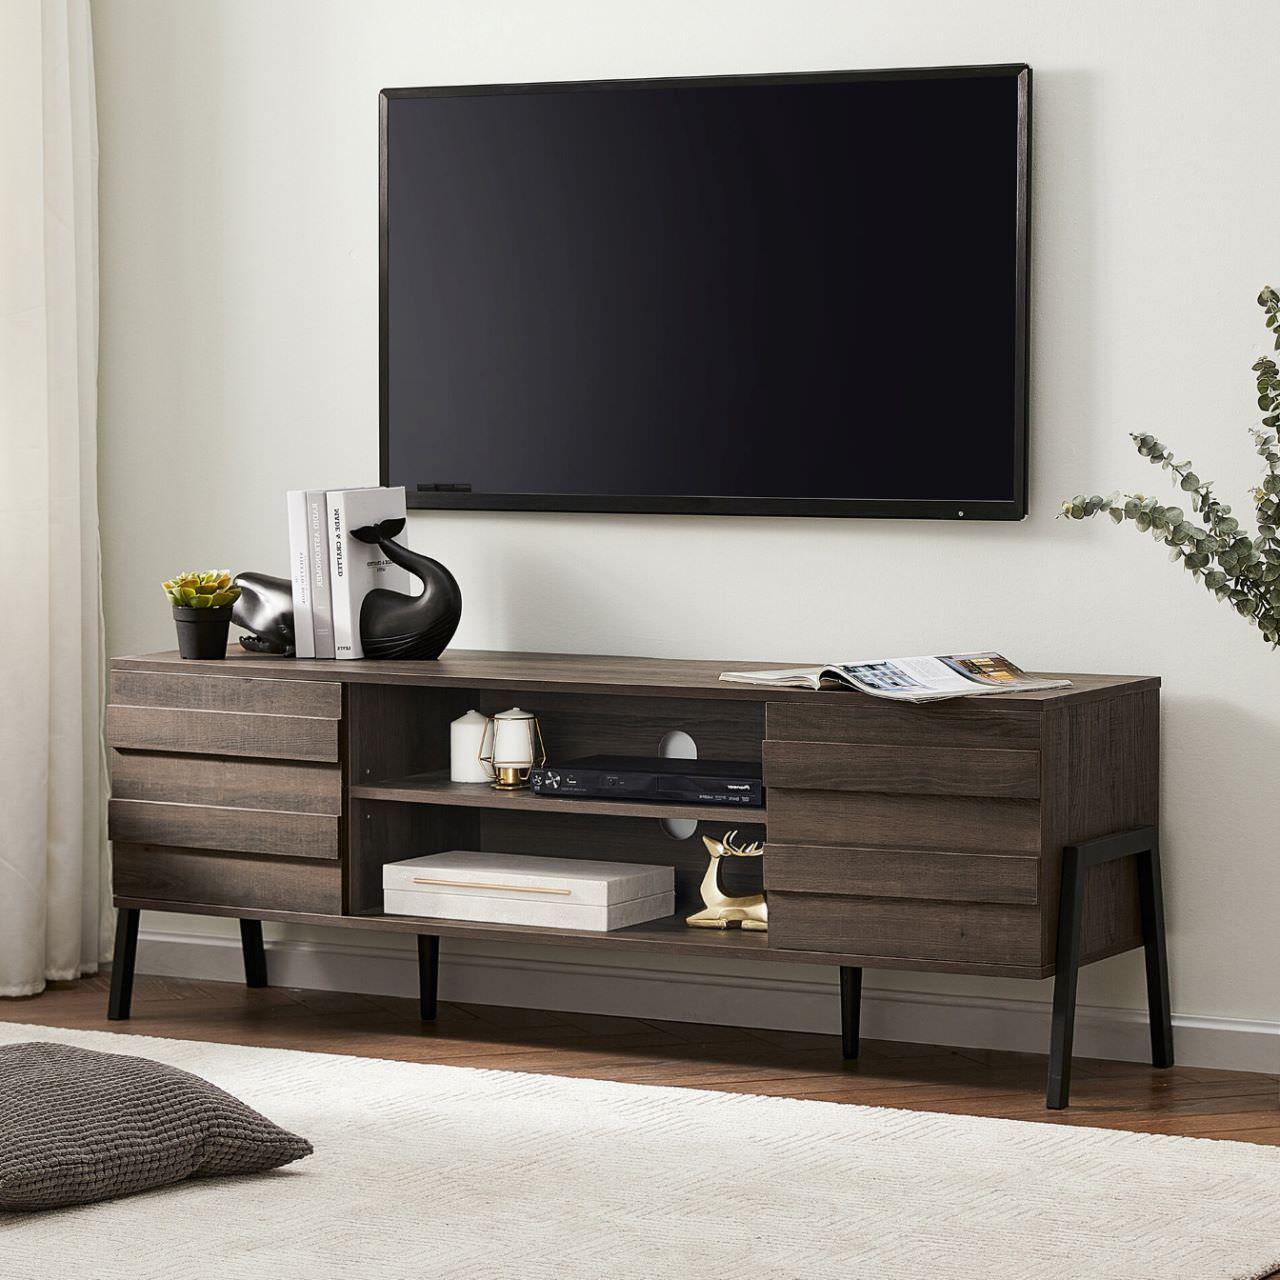 Mẫu kệ tivi gỗ đẹp hiện đại giá rẻ cho phòng khách nhỏ